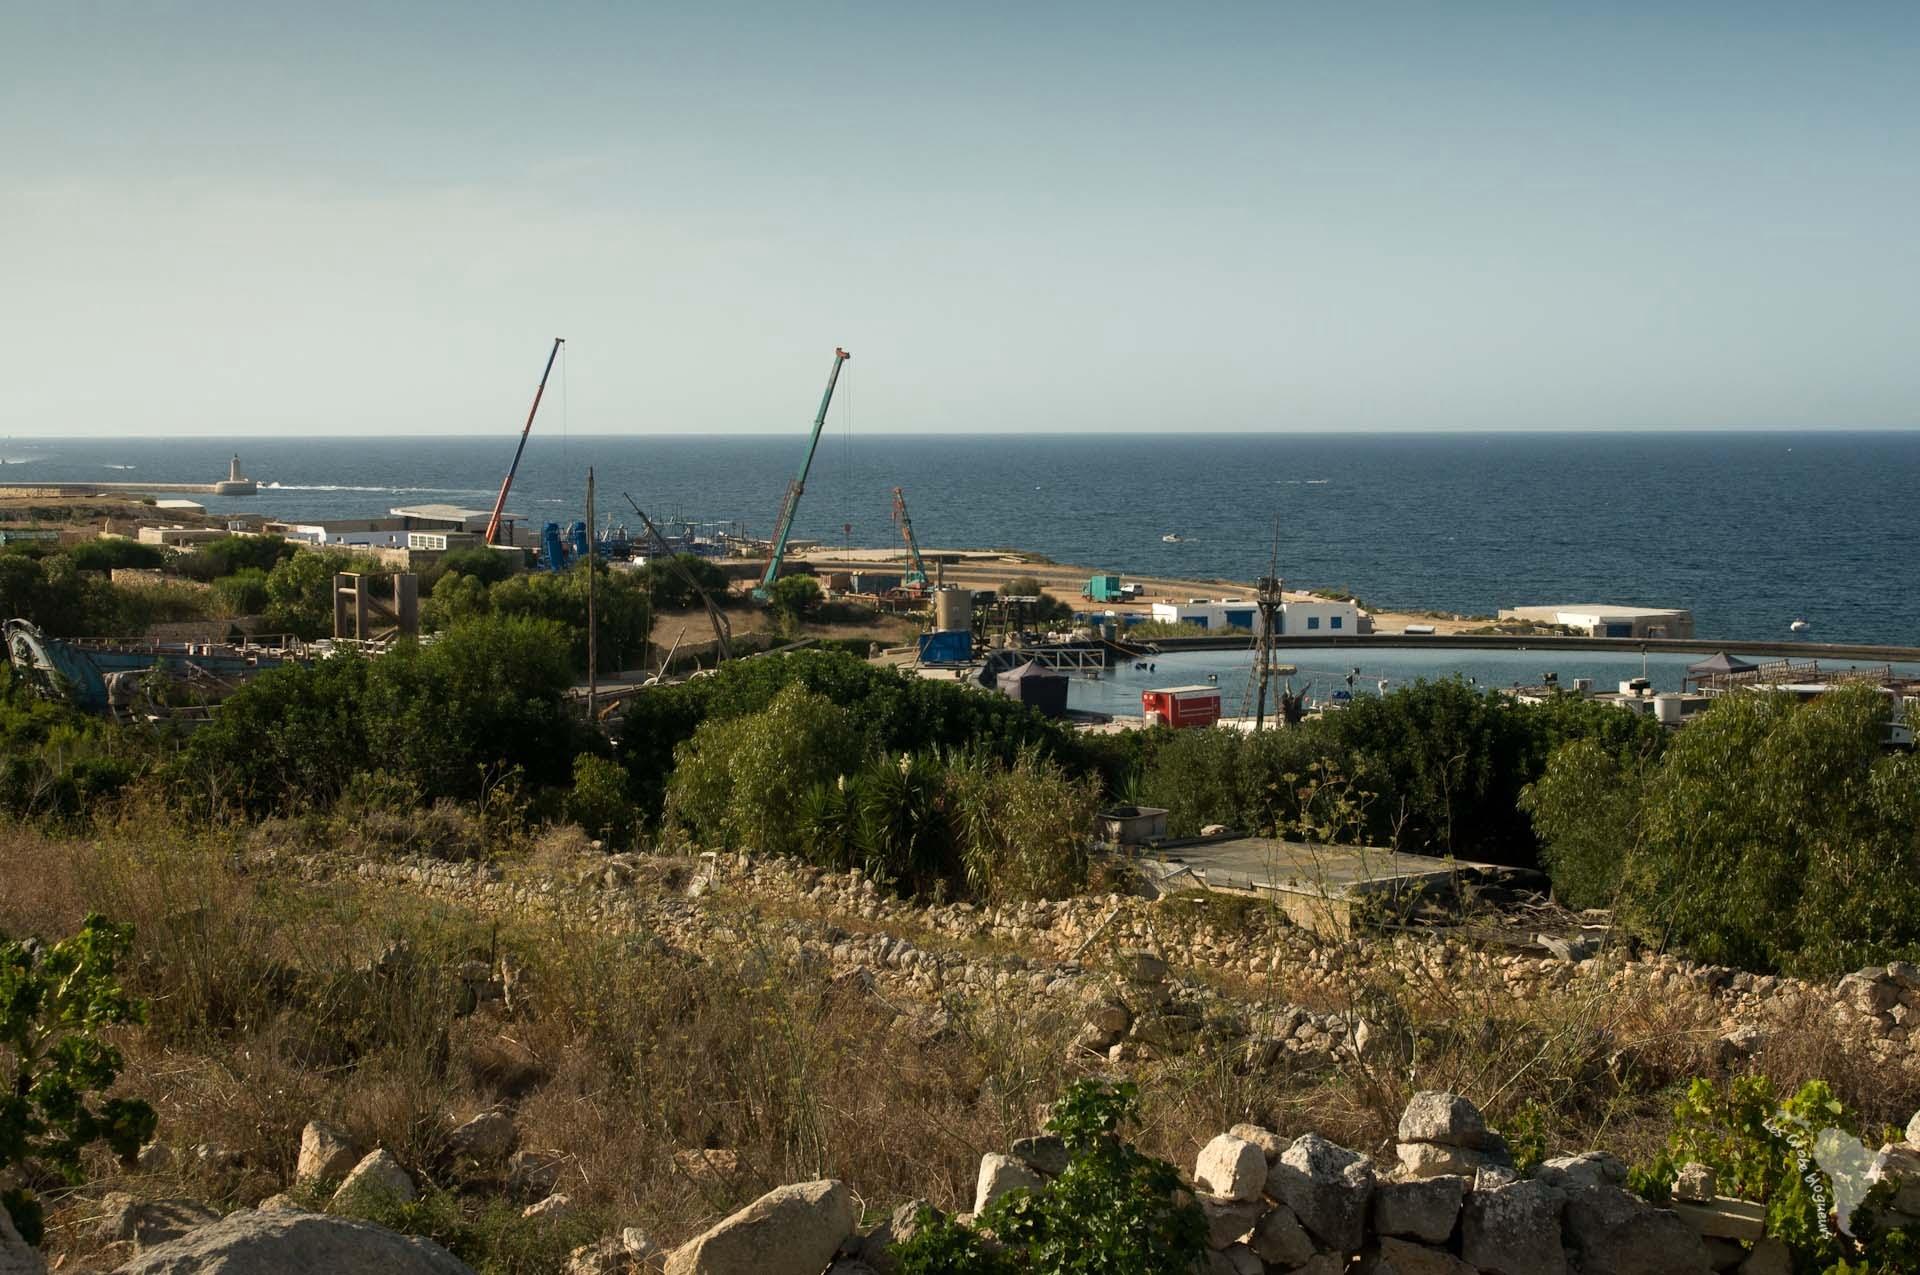 bassin film cinéma malte méditerranée